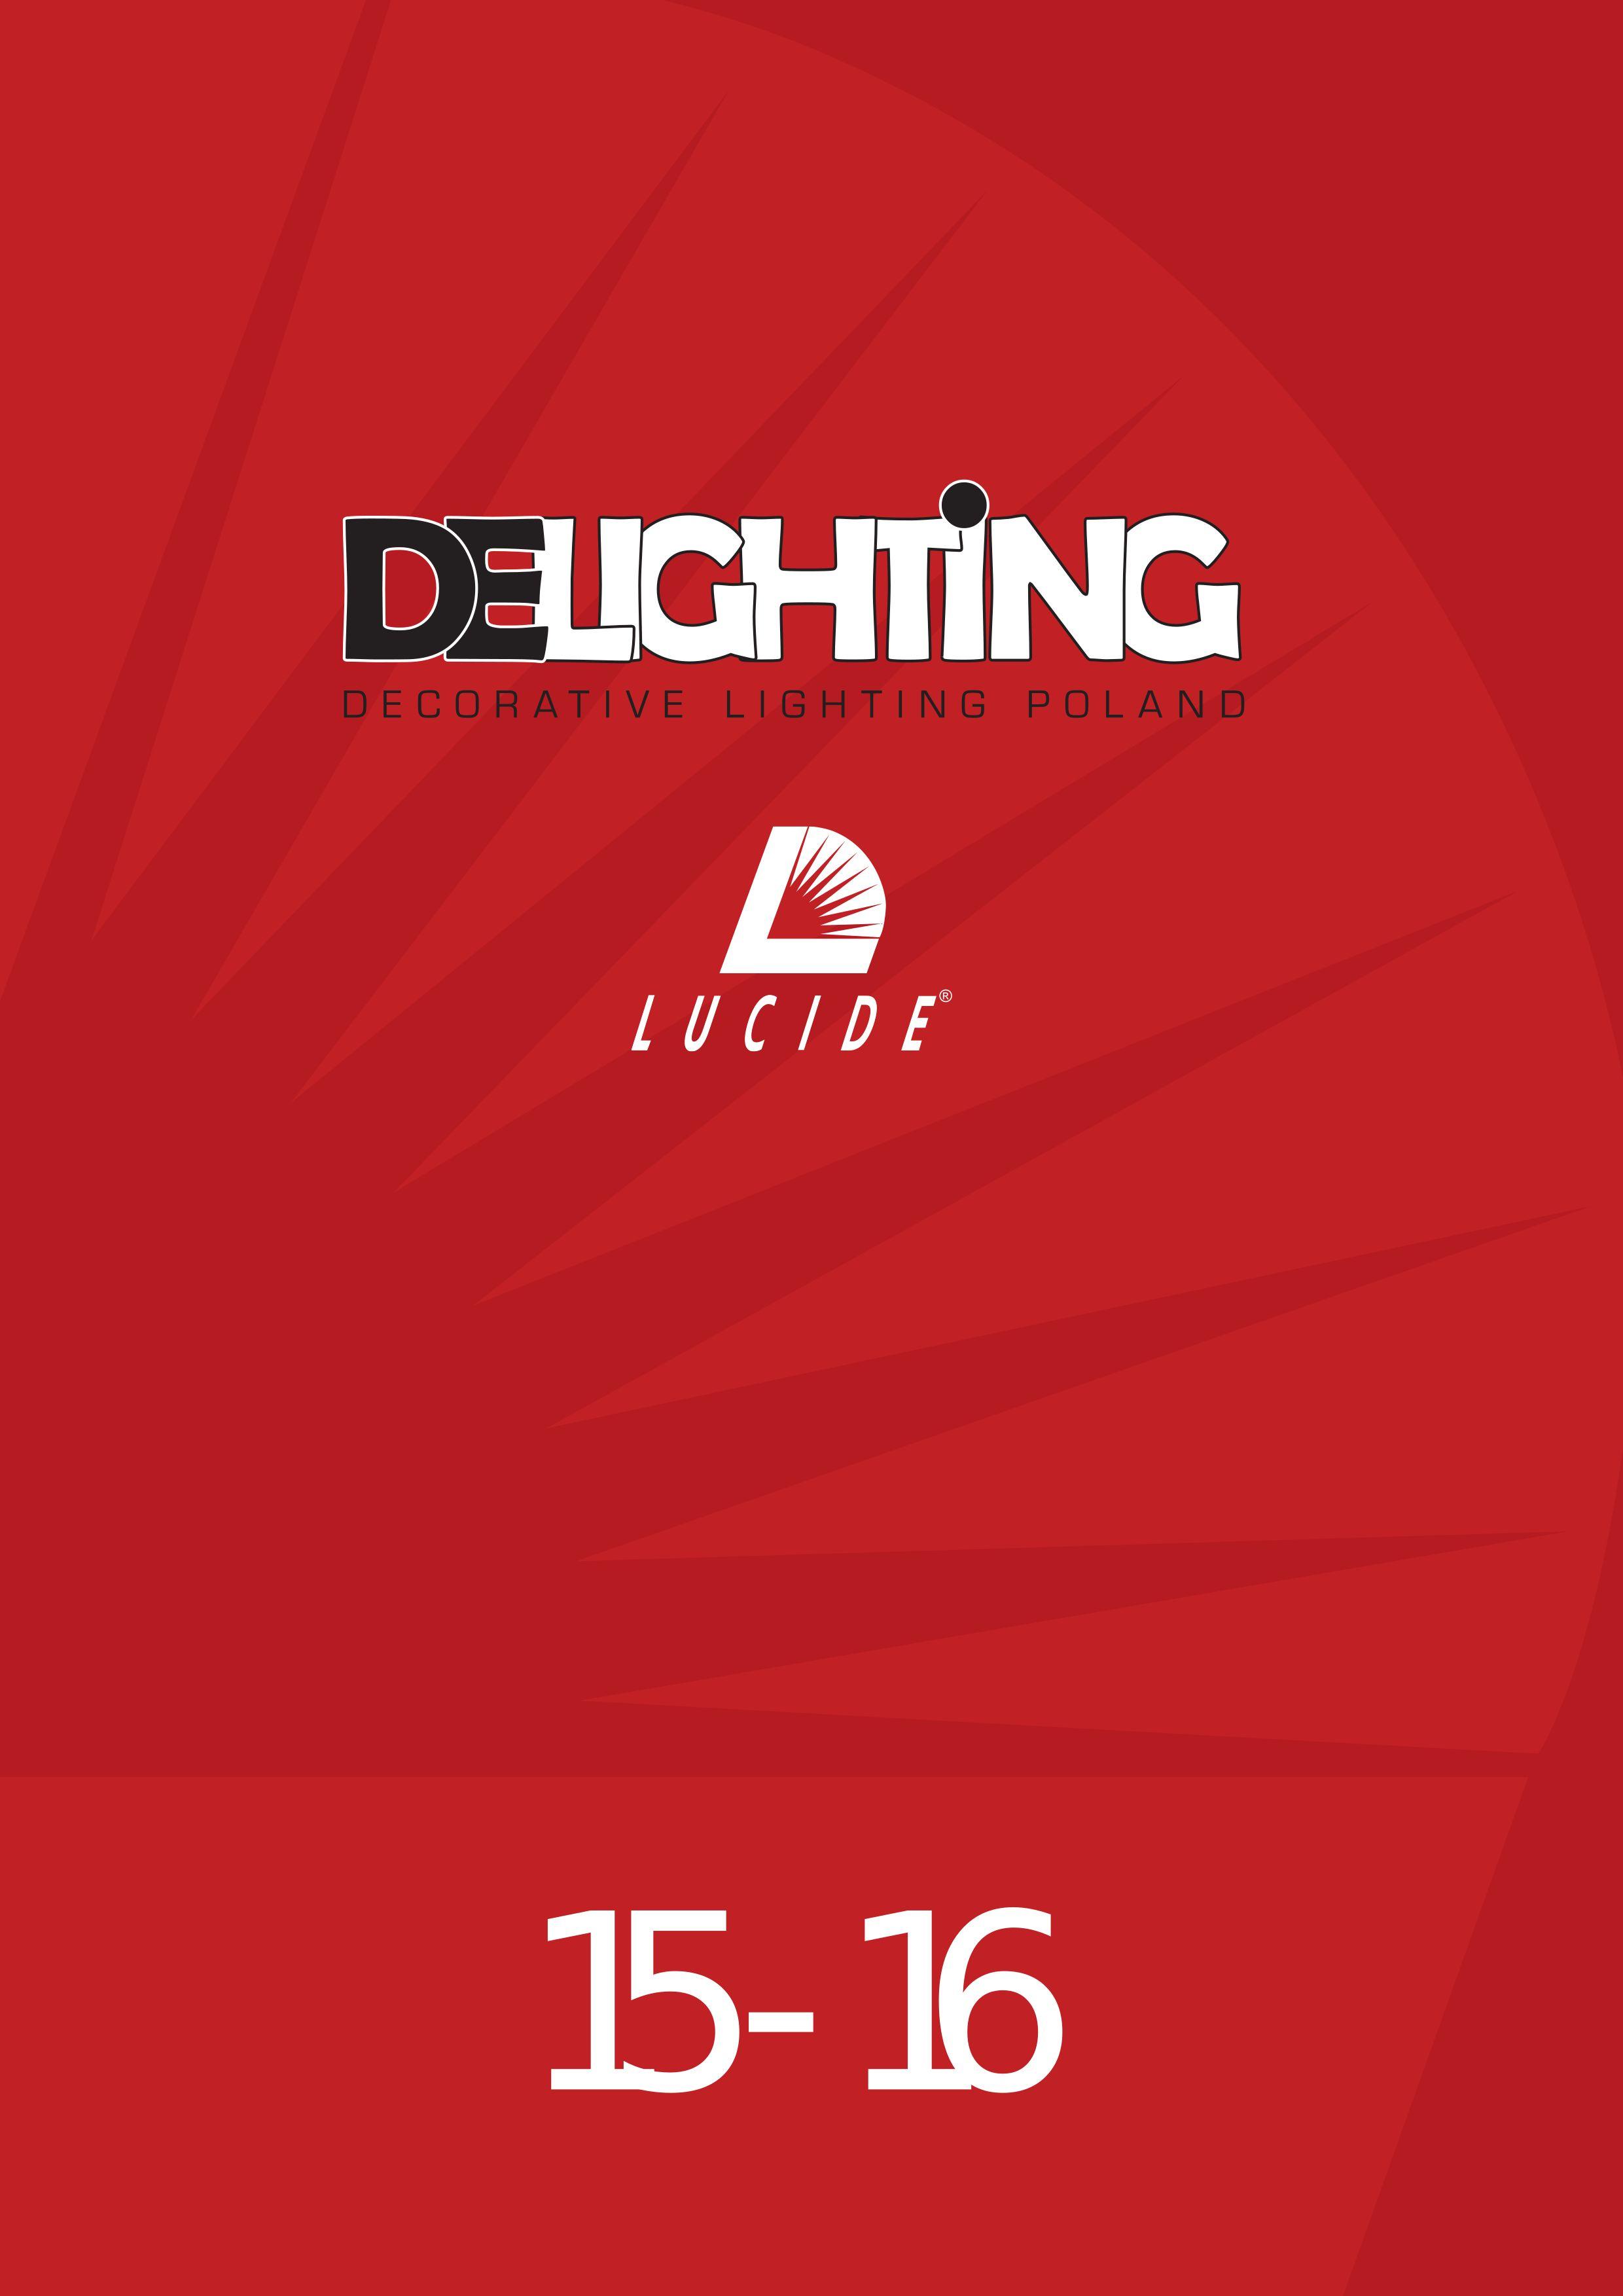 DELighting 15-16